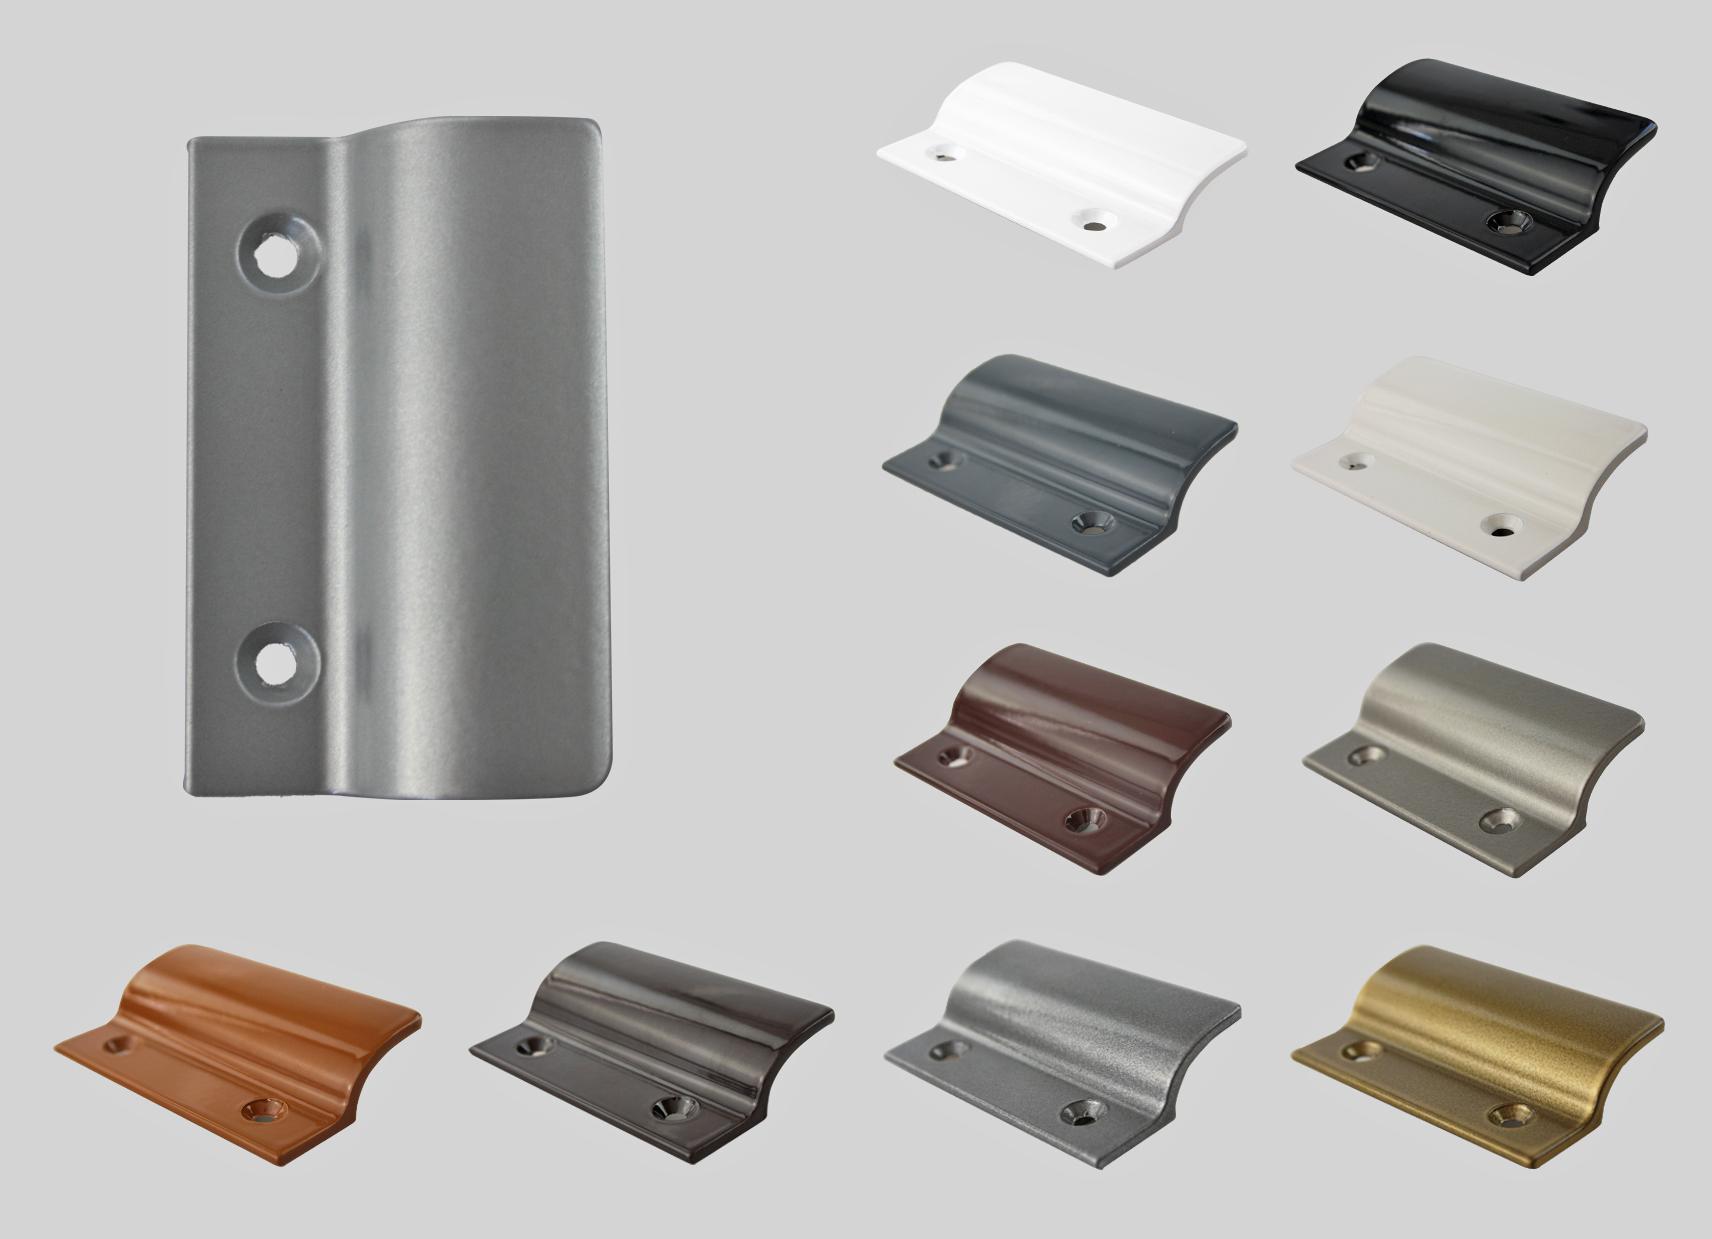 Balkonturgriff Ziehgriff Terrassenturgriff Aus Metall Silber